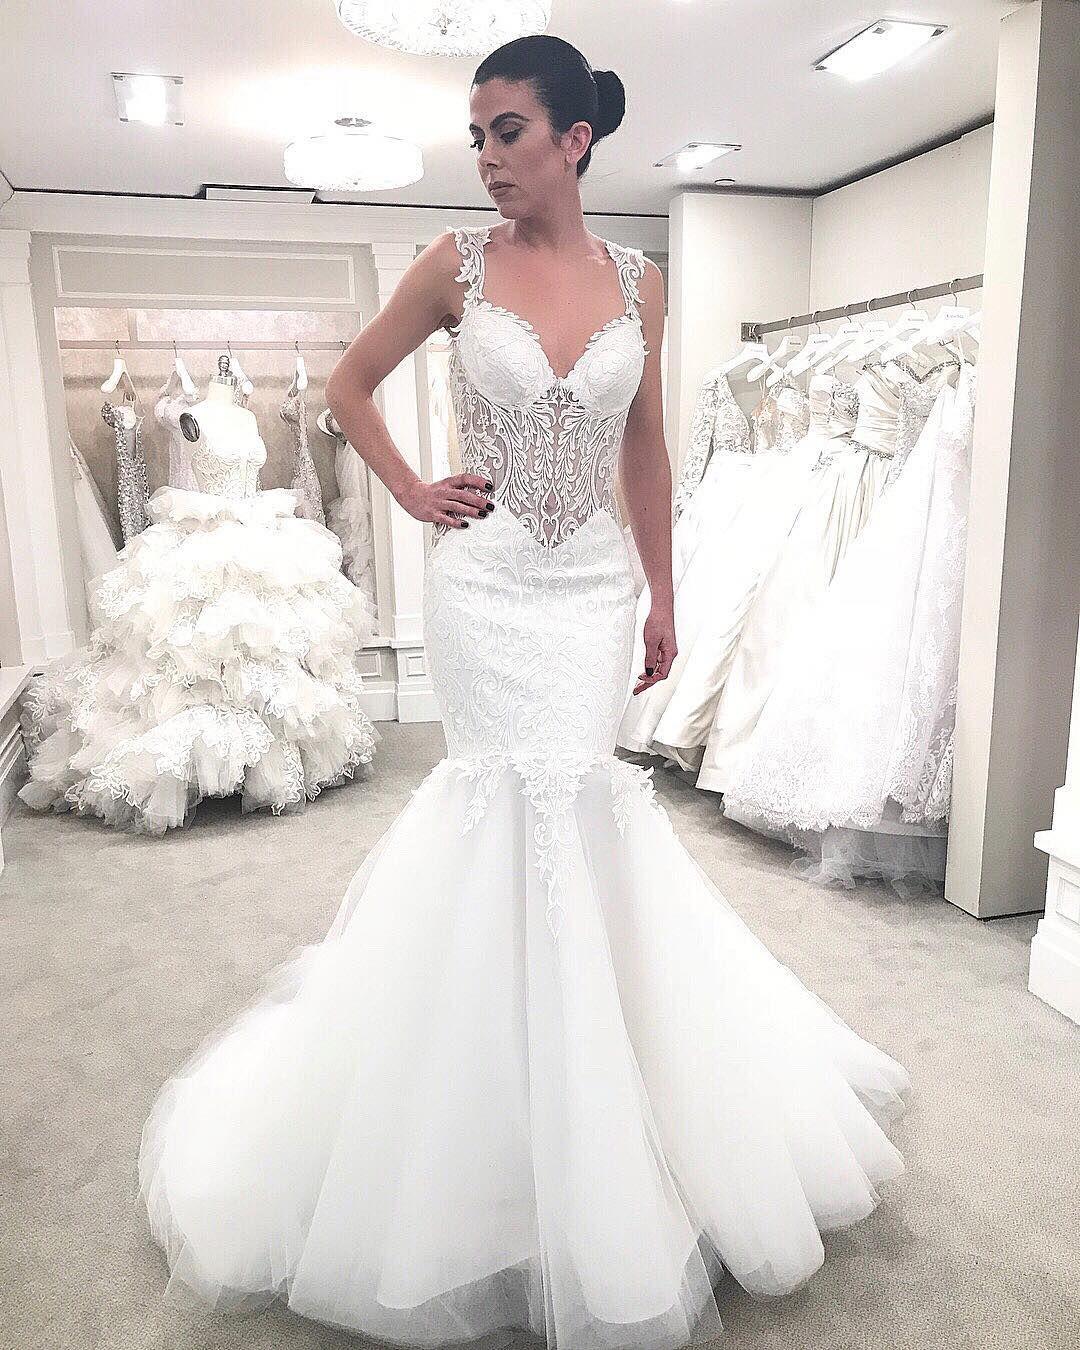 Pnina Tornai Mermaid Lace Wedding Dress Available At Kleinfeld Bridal Kleinfeld Bridal Pnina Tornai Wedding Dress Ball Gown Wedding Dress